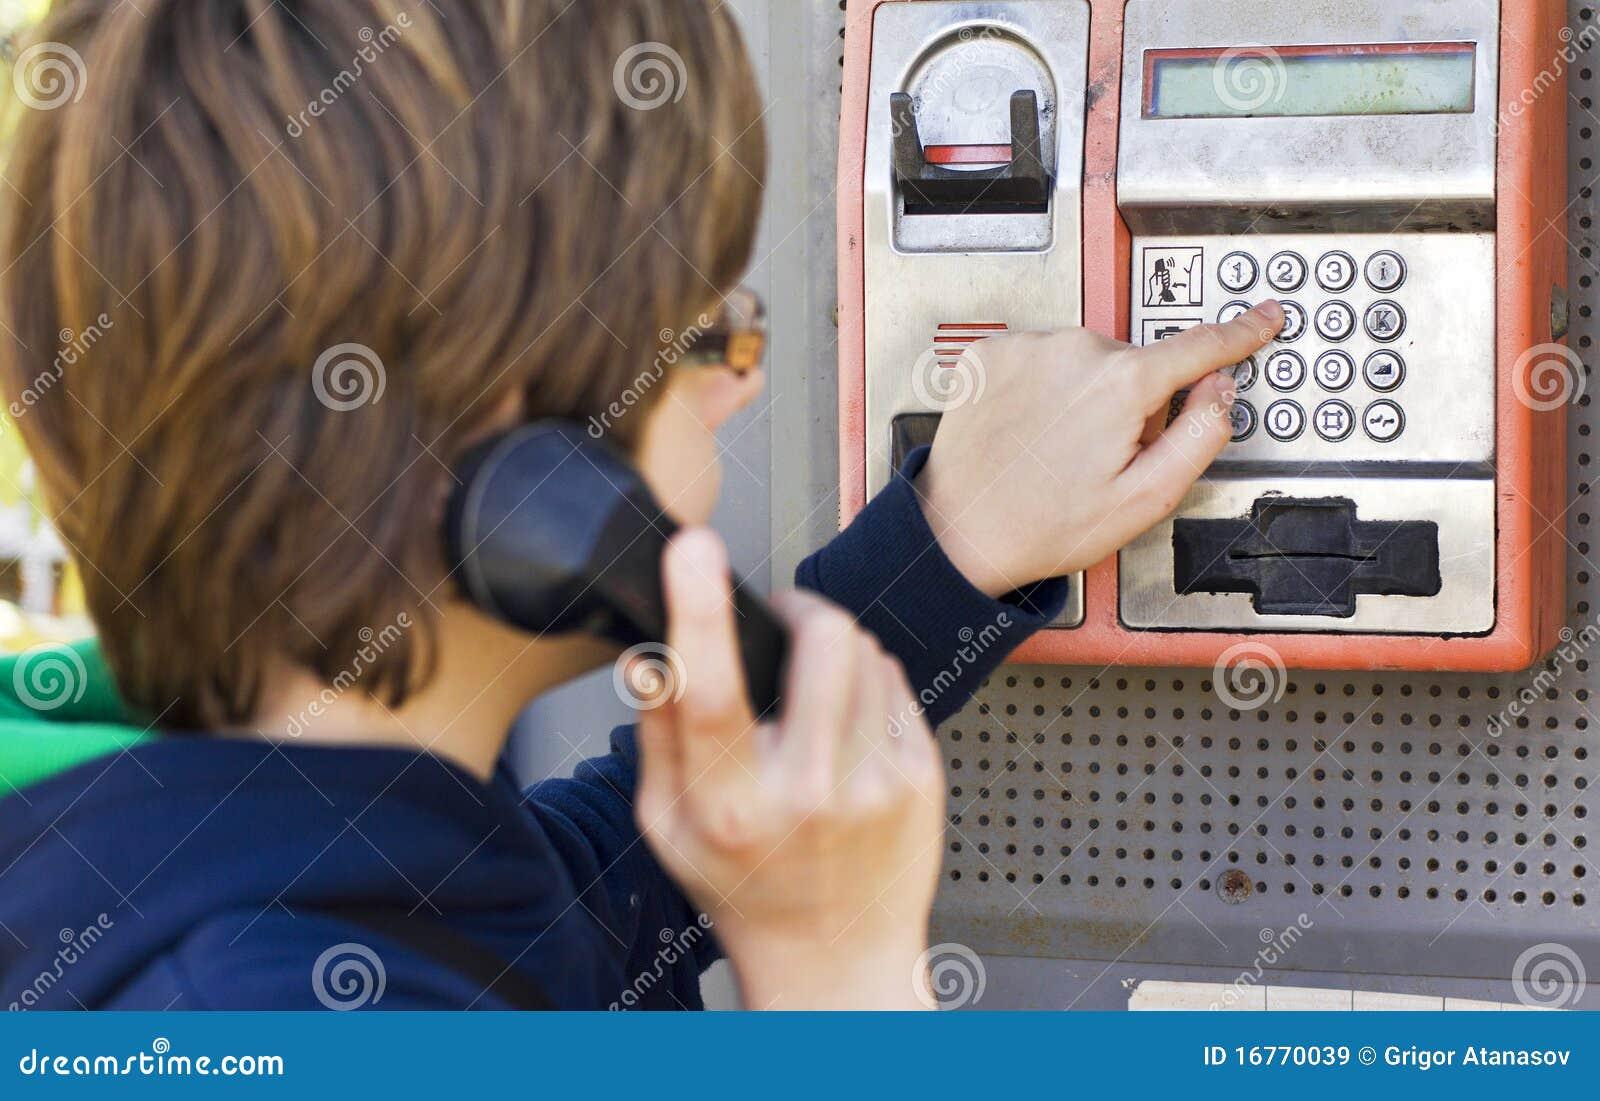 τηλέφωνο αριθμού σχηματισ